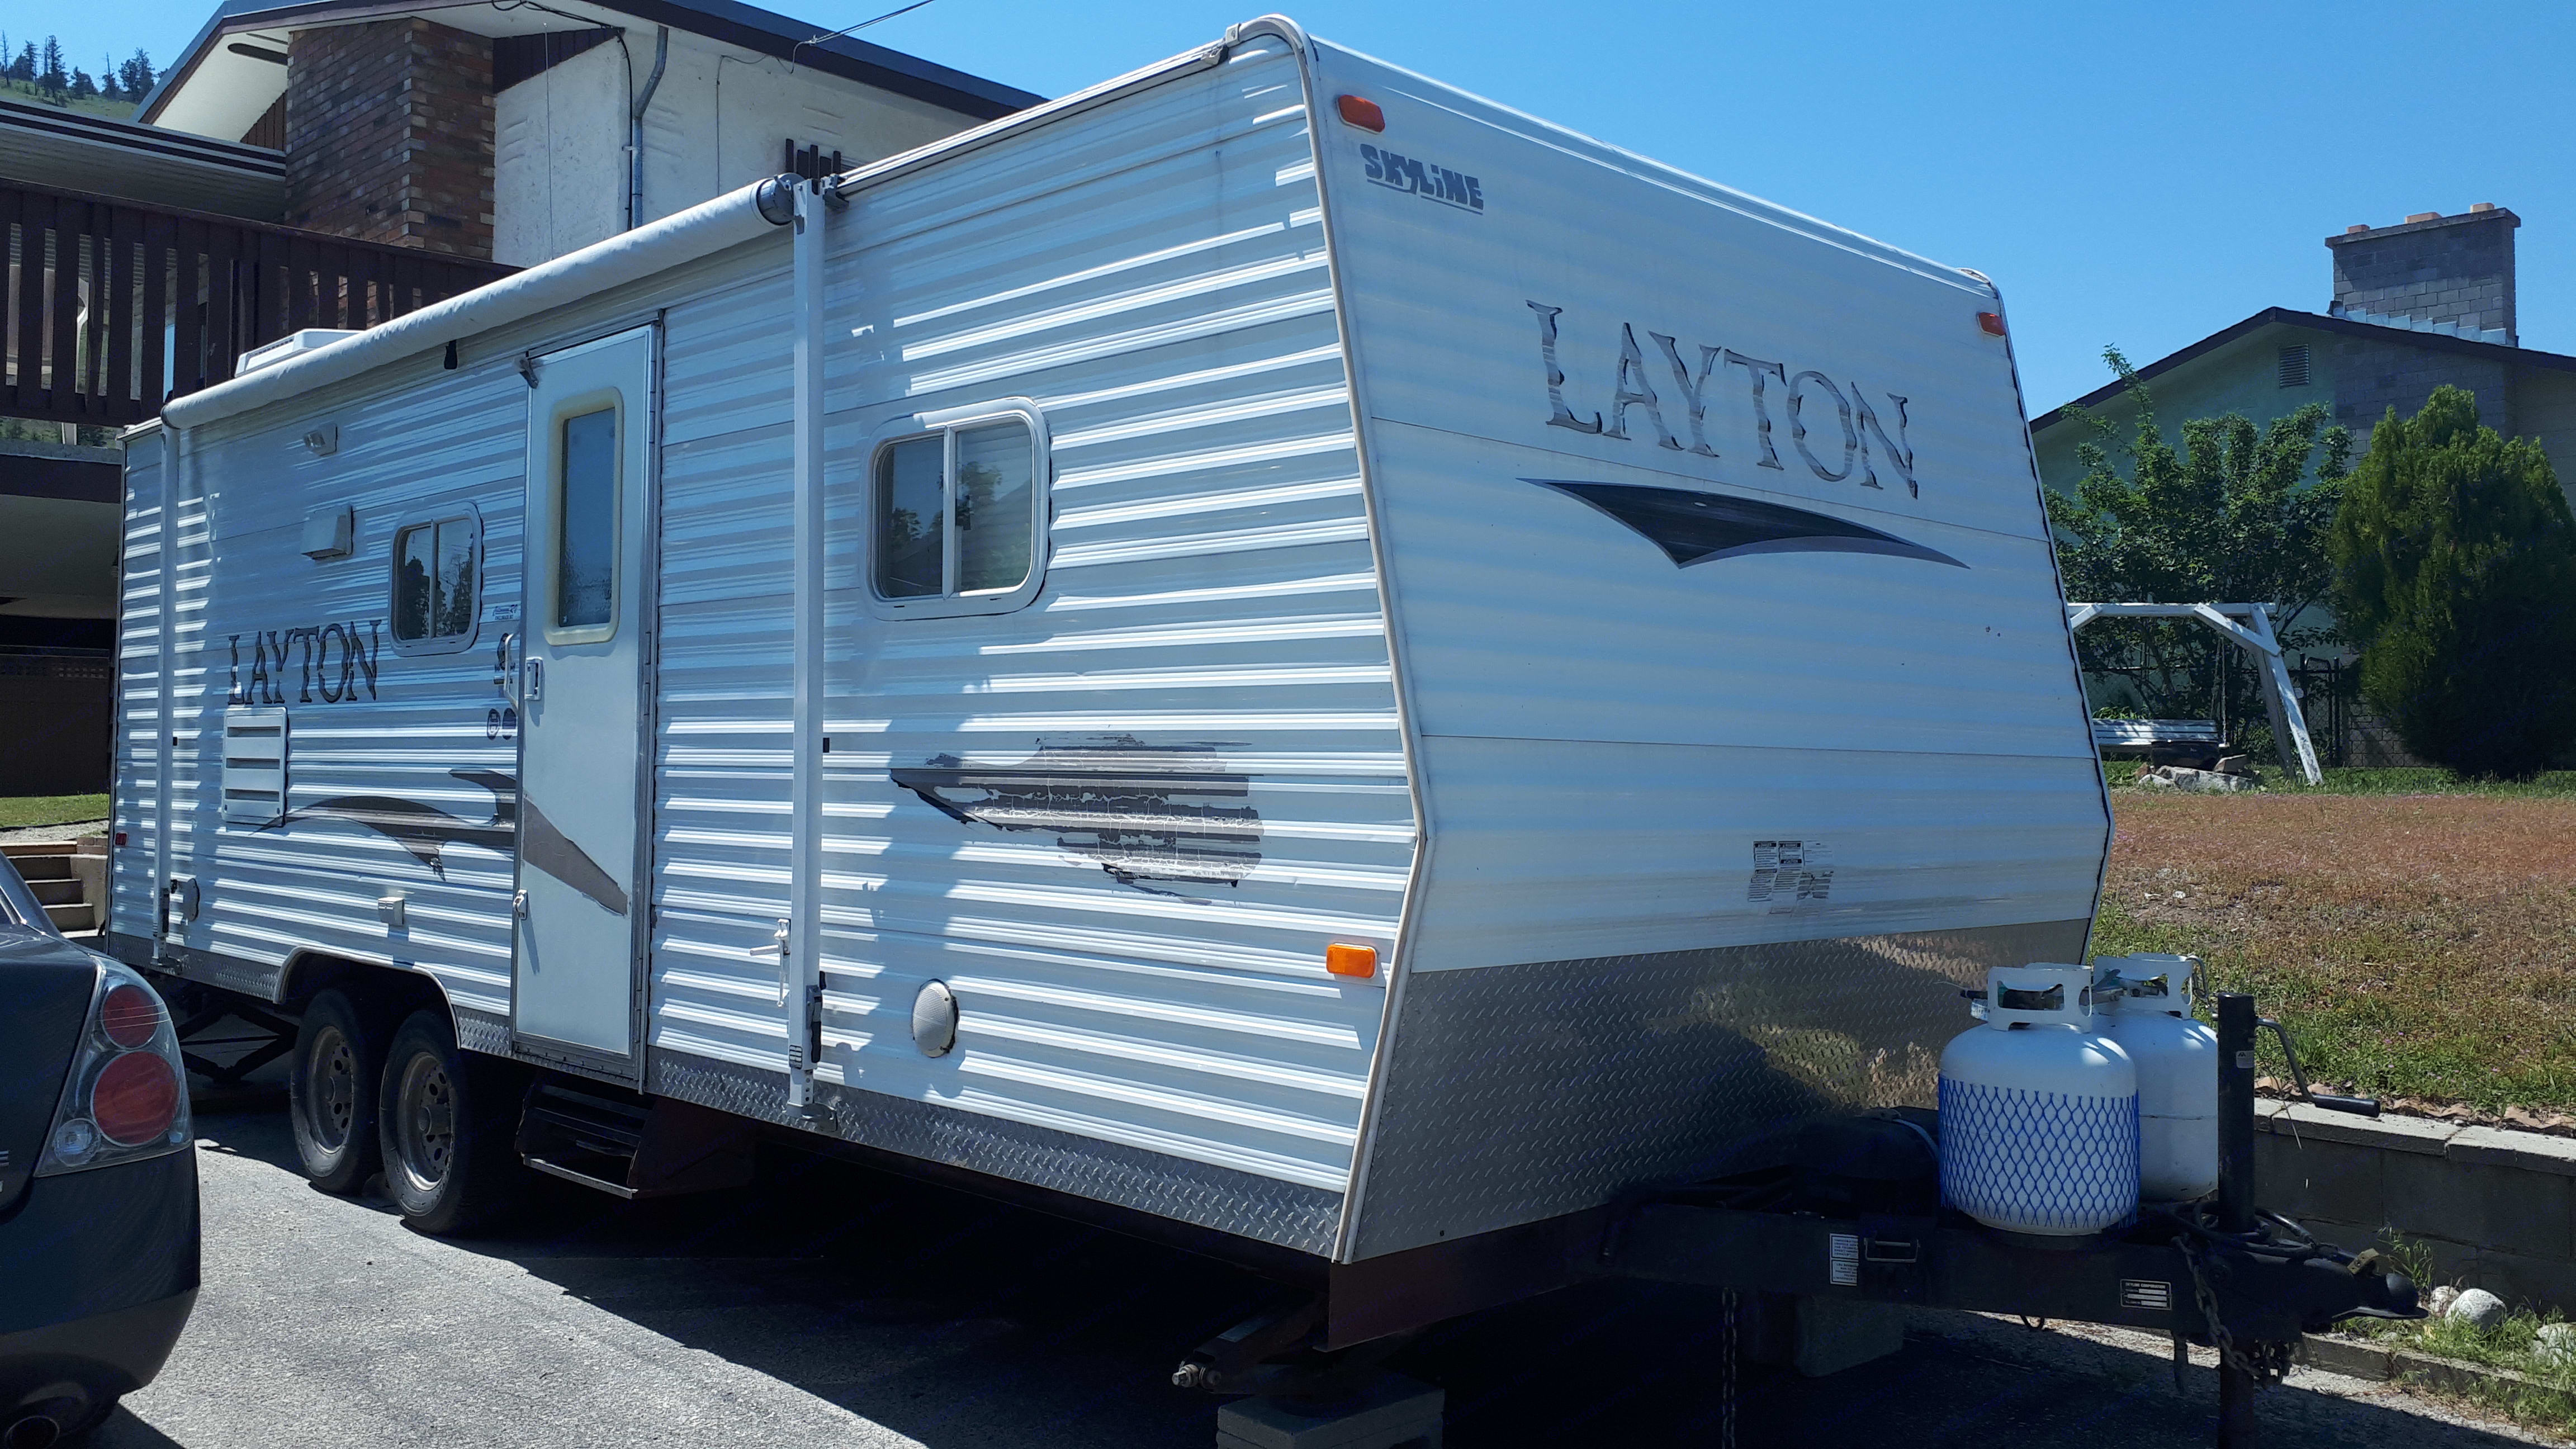 layton 228 2007